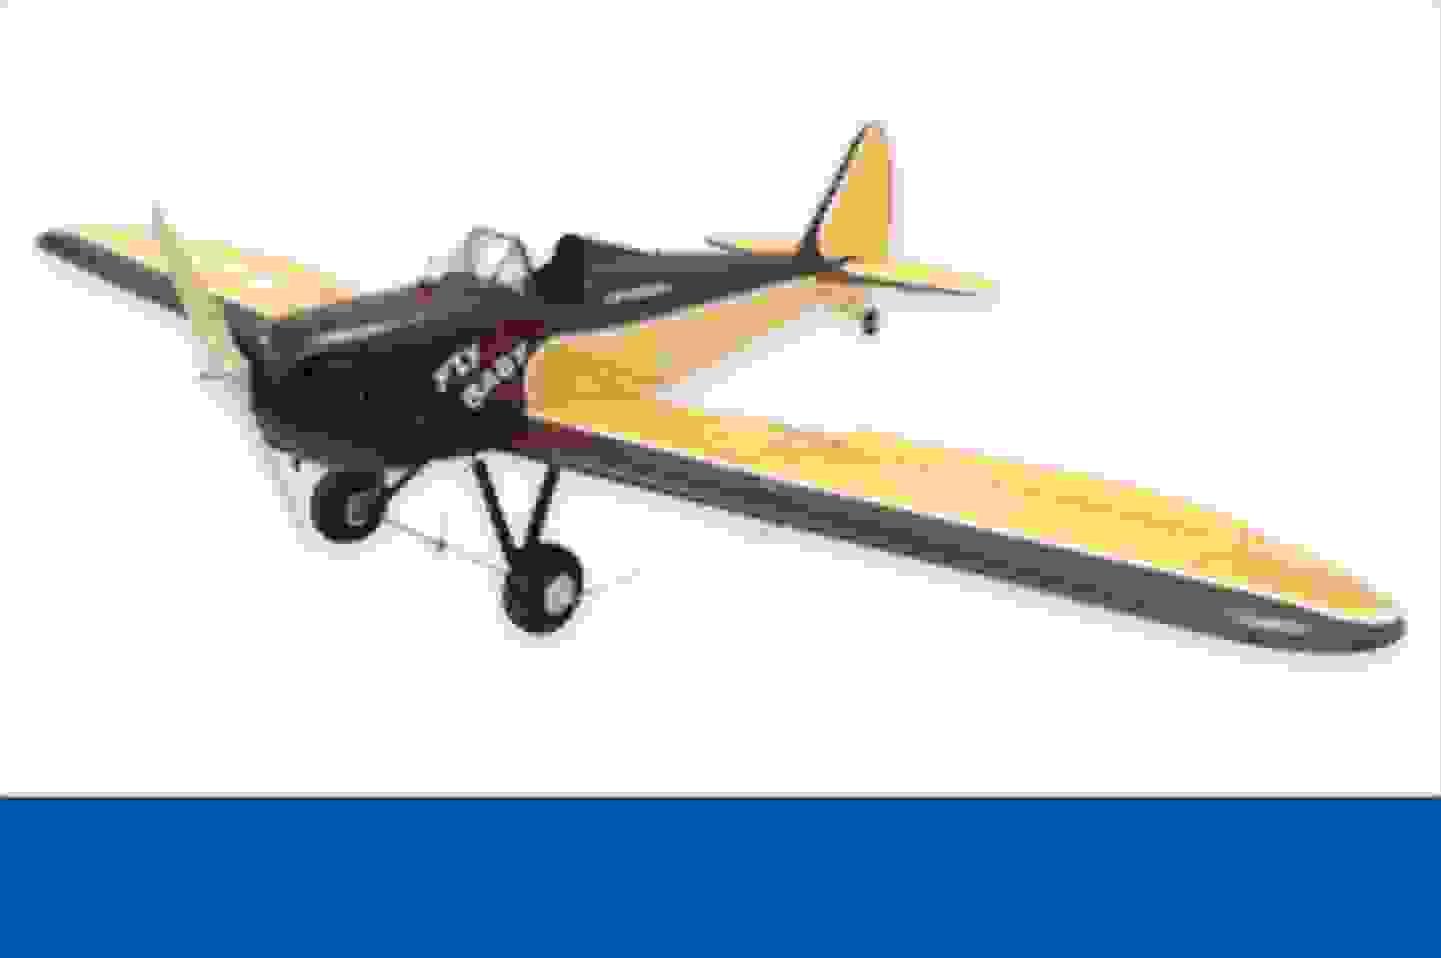 motorflugmodelle